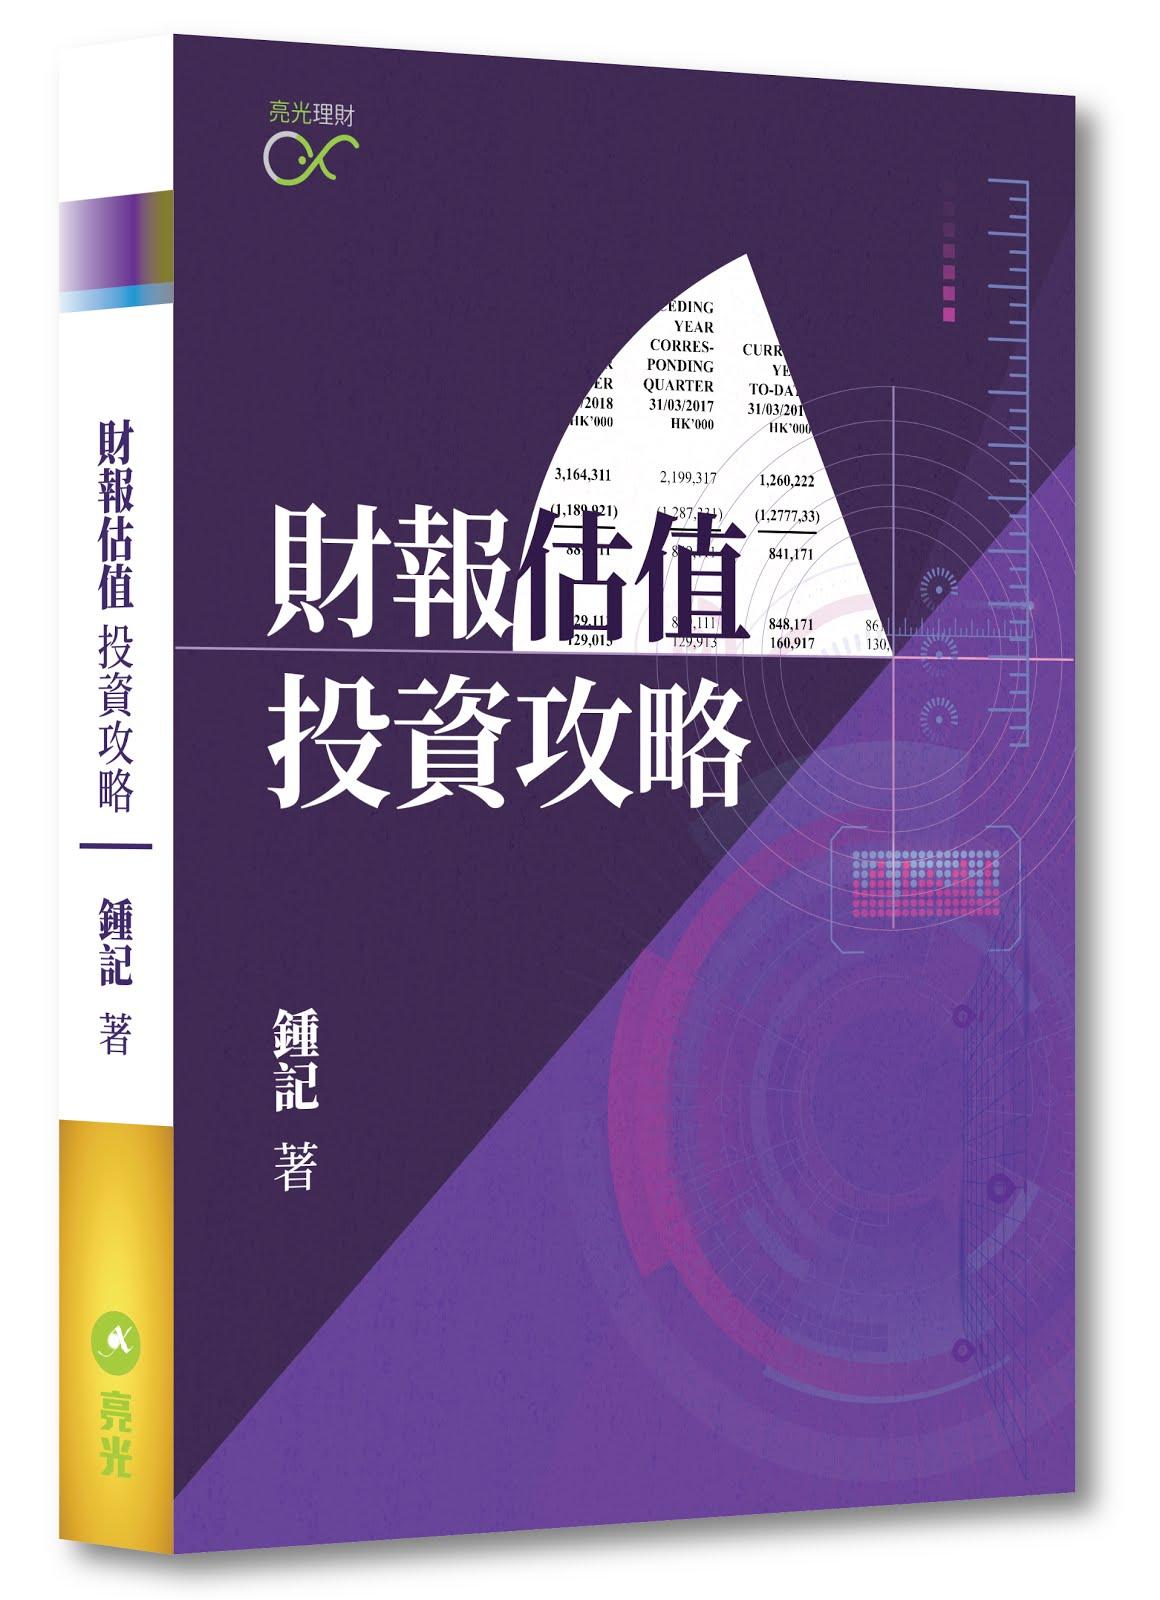 第四本新書《財報估值 投資攻略》經已出版,希望讀者可以儲齊我的四本著作呢!